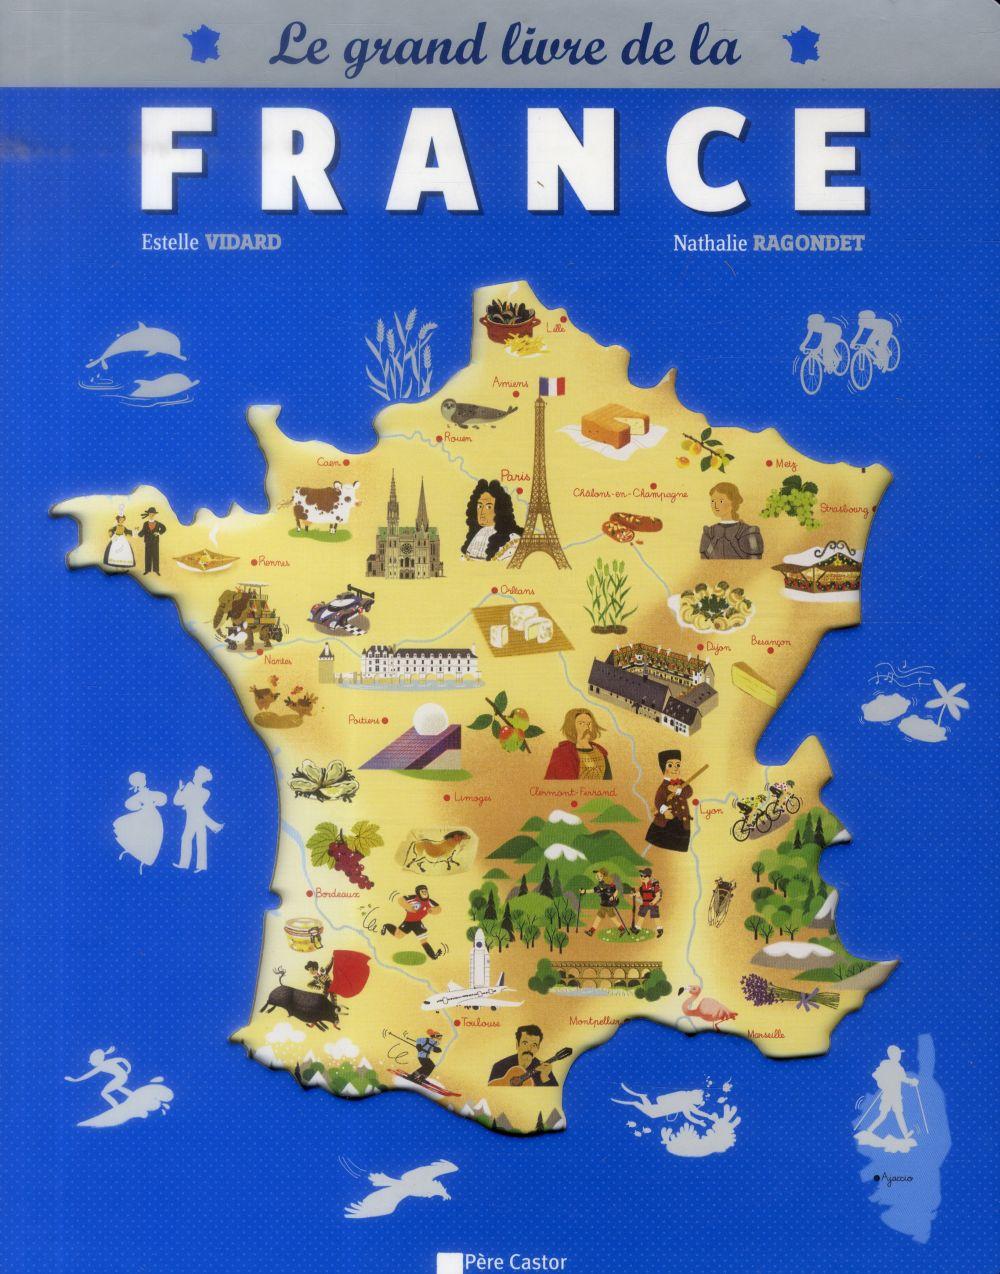 GRAND LIVRE DE LA FRANCE - 12 CARTES THEMATIQUES POUR VOIR LA FRANCE AUTREMENT